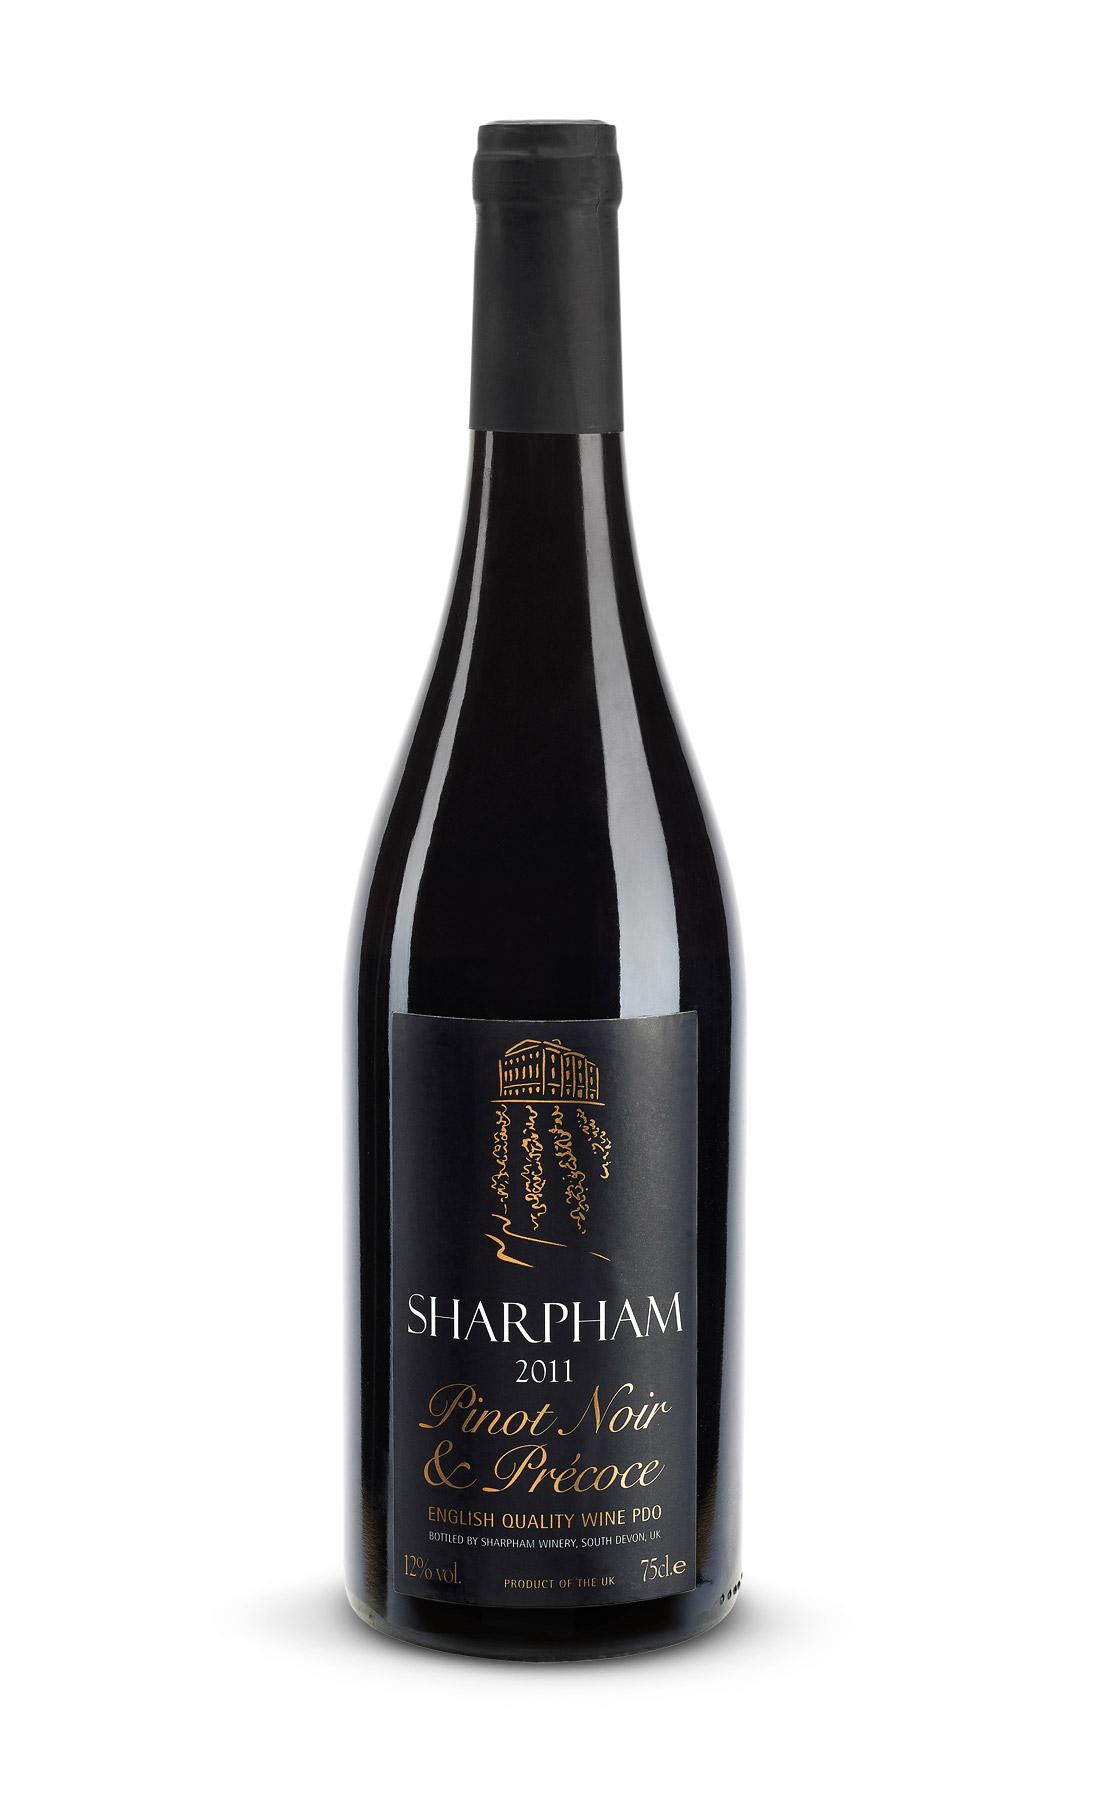 Sharpham Pinot Noir bottle shot